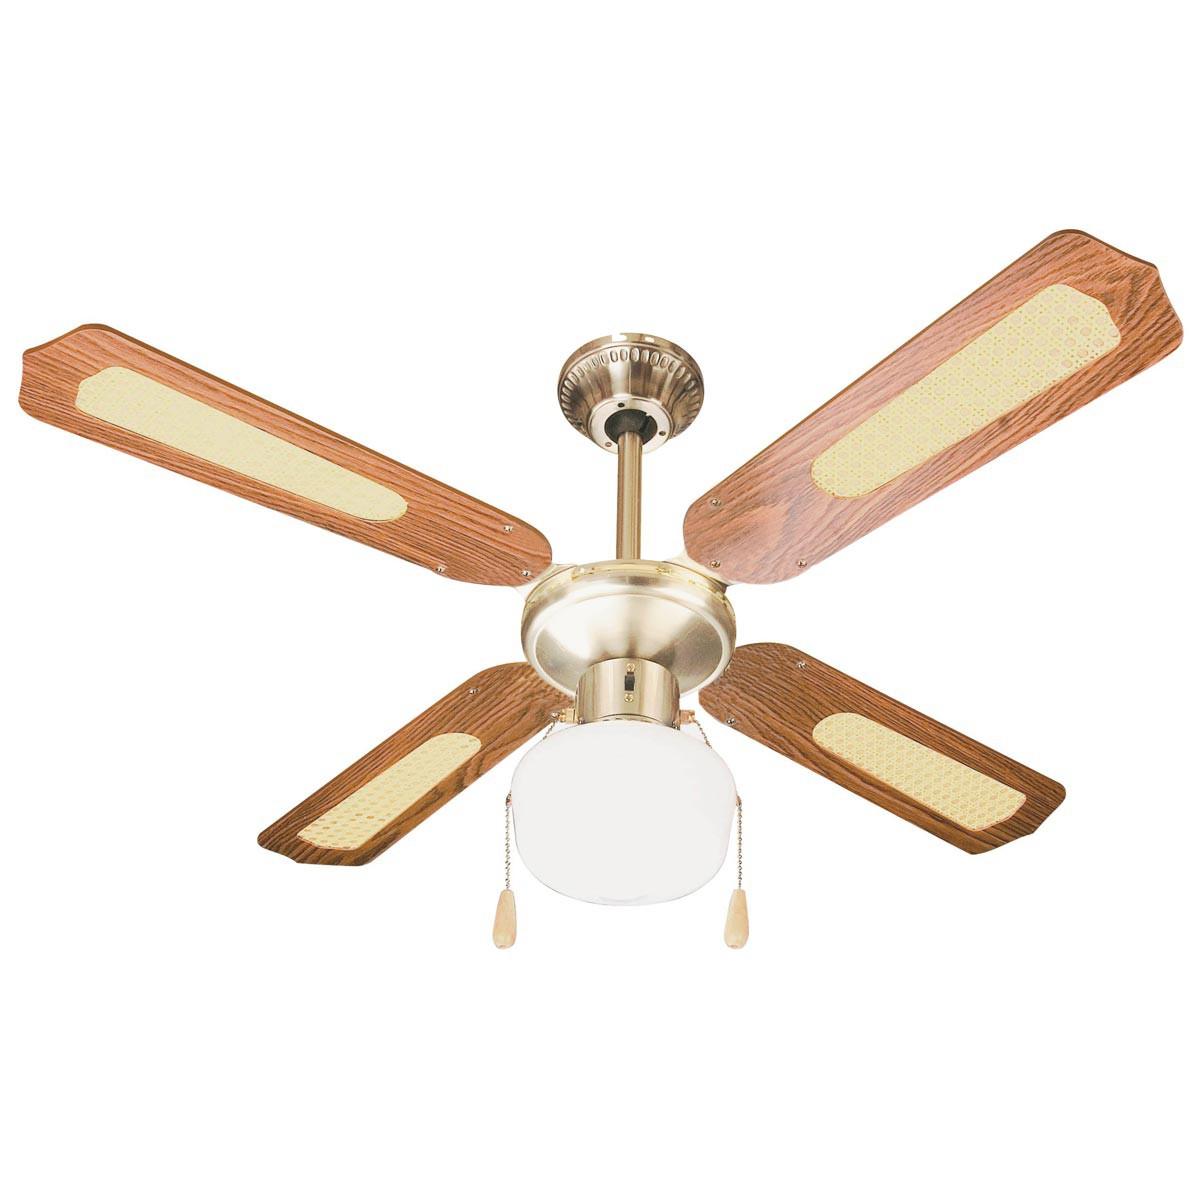 Ventilatore da Parete Soffitto in Legno con Luce Lampada 3 Pale